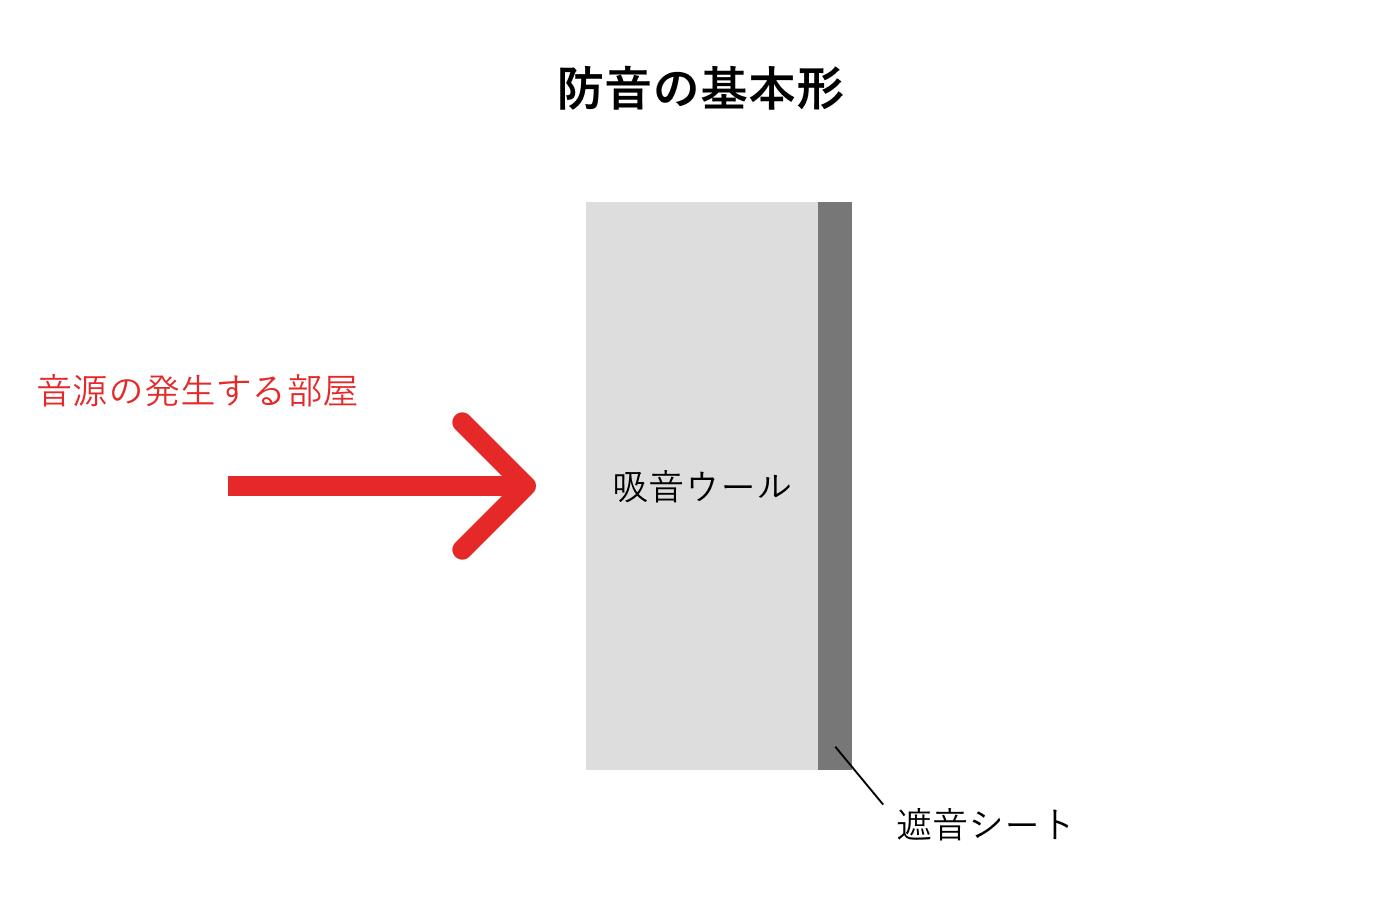 防音の基本形